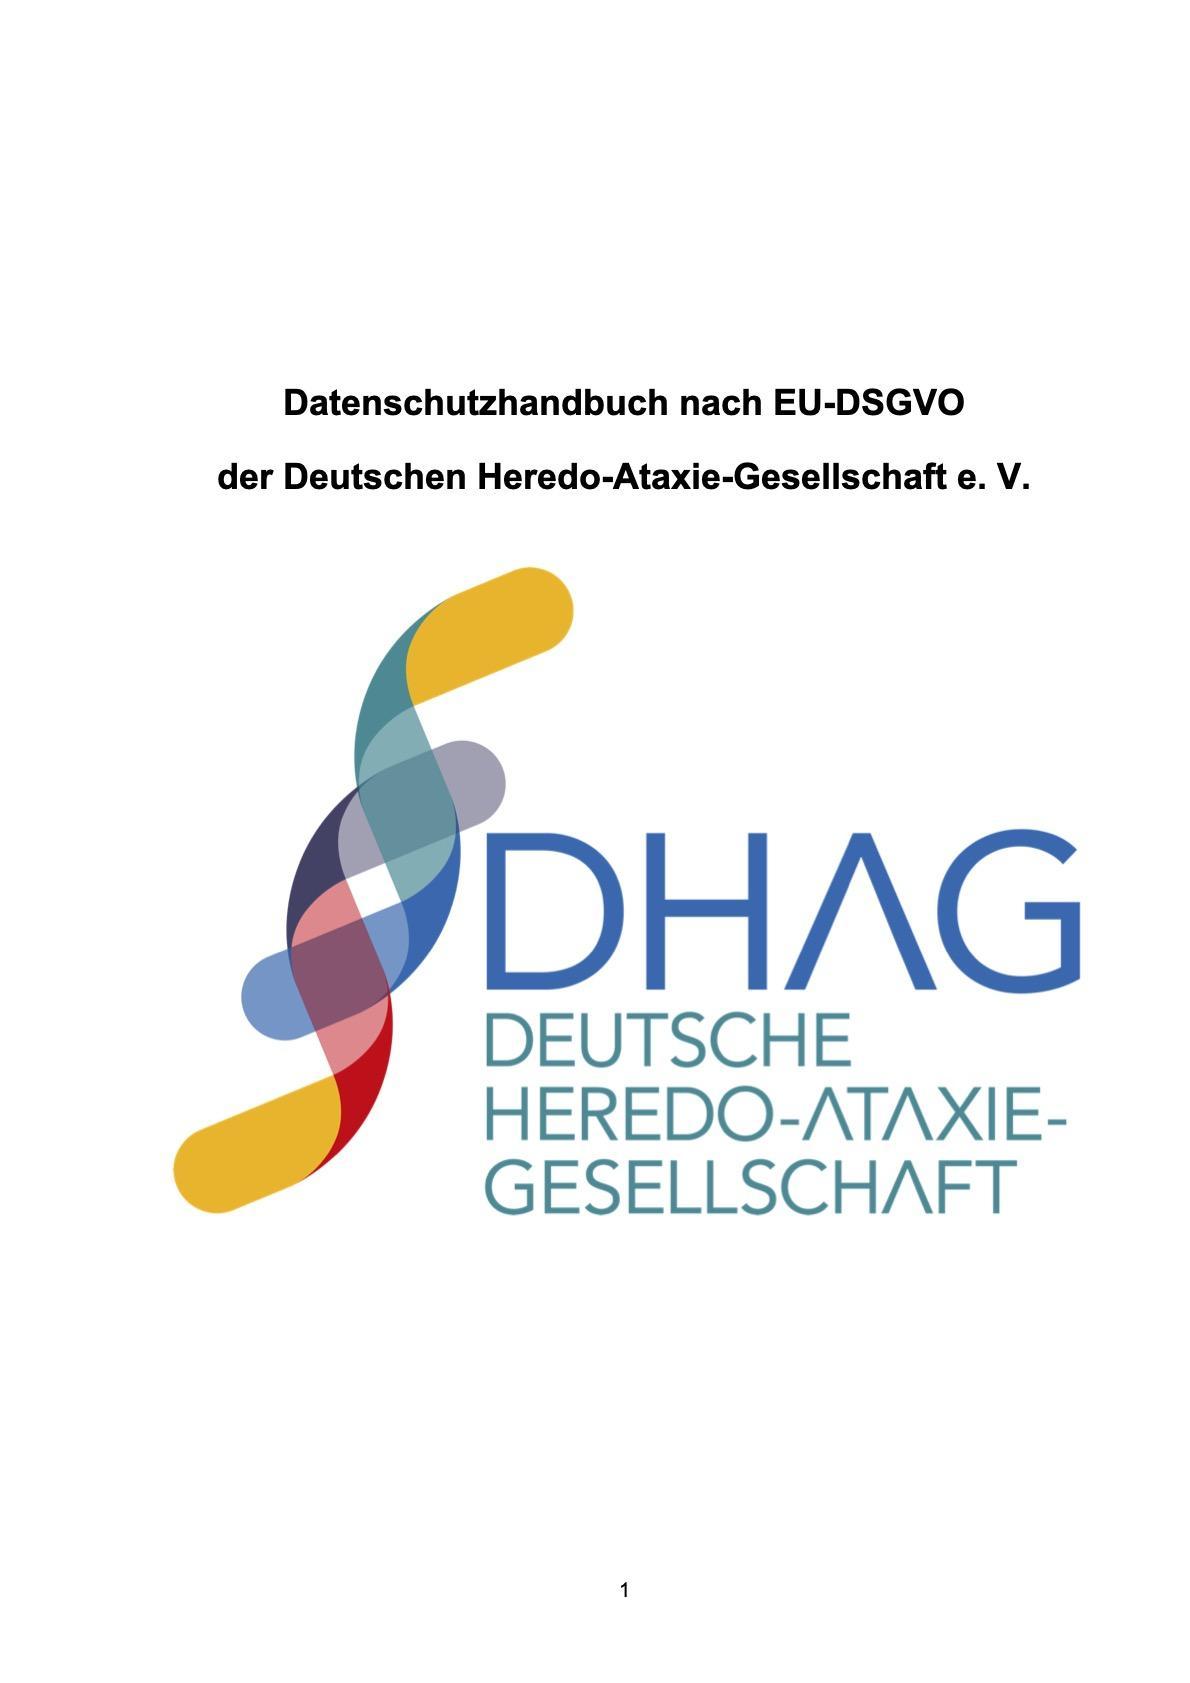 Datenschutzhandbuch